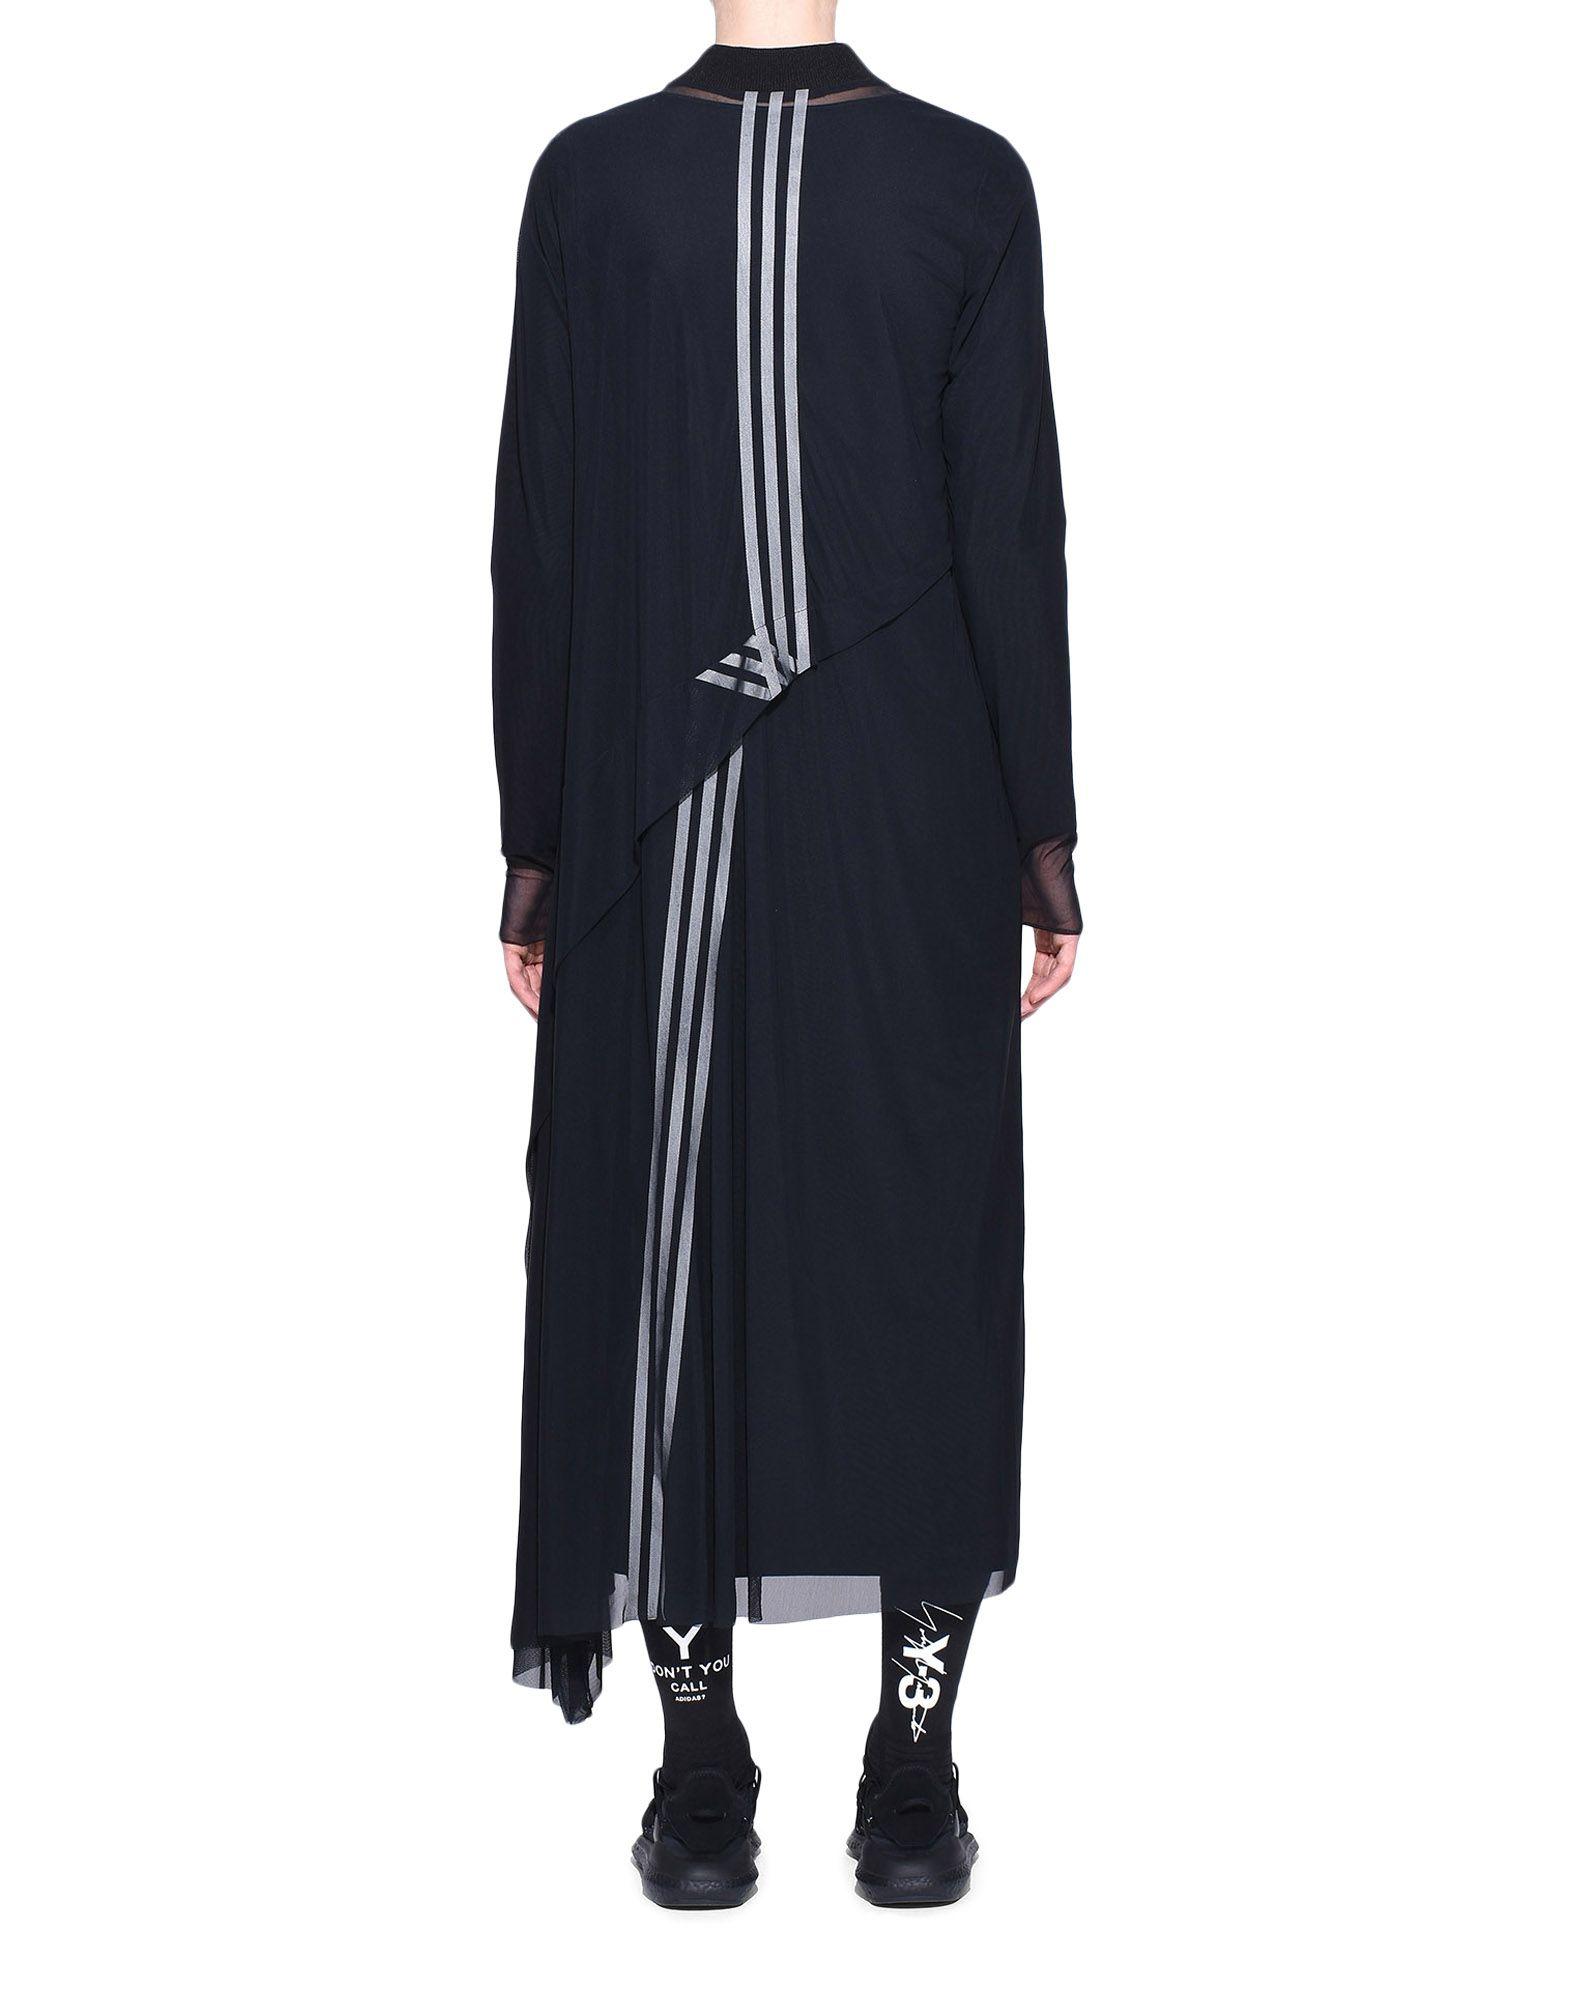 Y-3 Y-3 3-Stripes Mesh Dress Длинное платье Для Женщин d